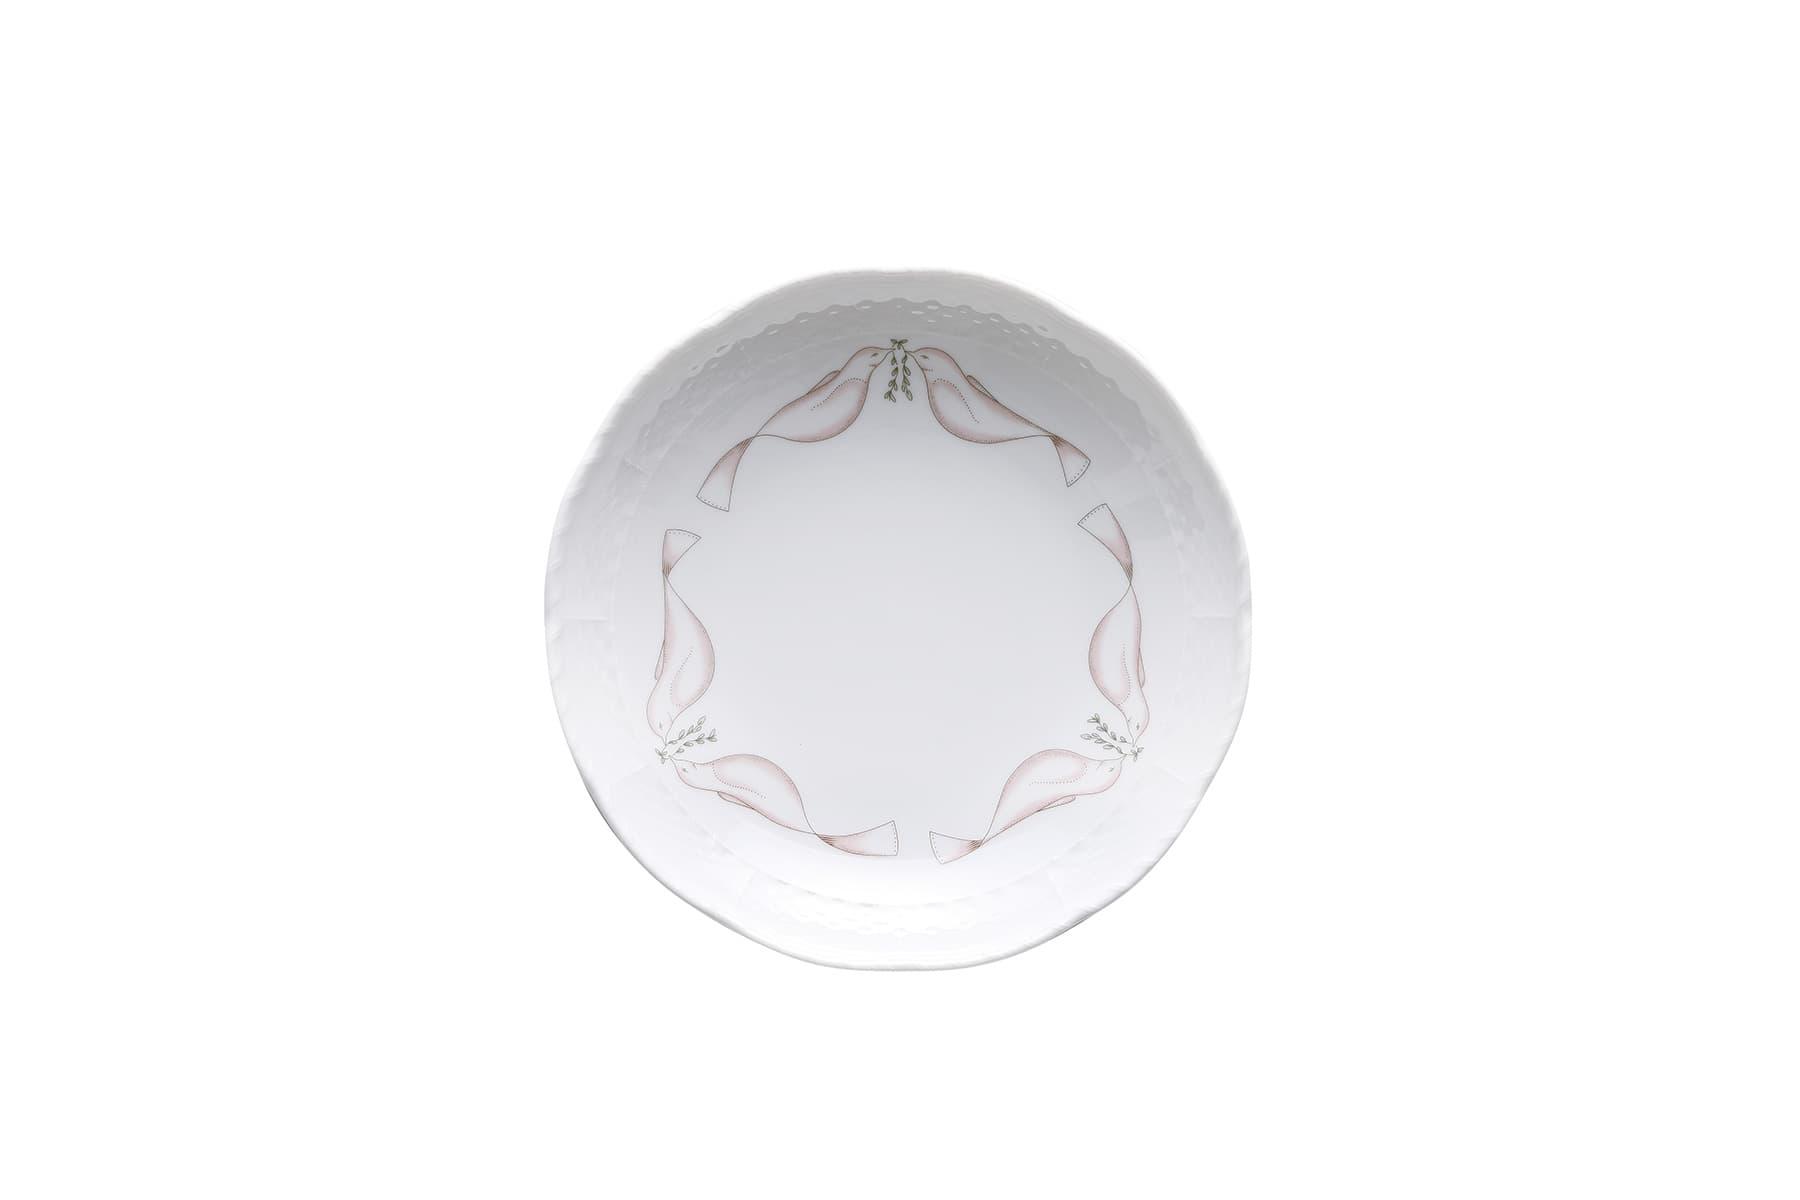 スペランツァ ディッシュラウンドL 19cm 4,400円(税込)/GINORI 1735(ジノリ 1735)